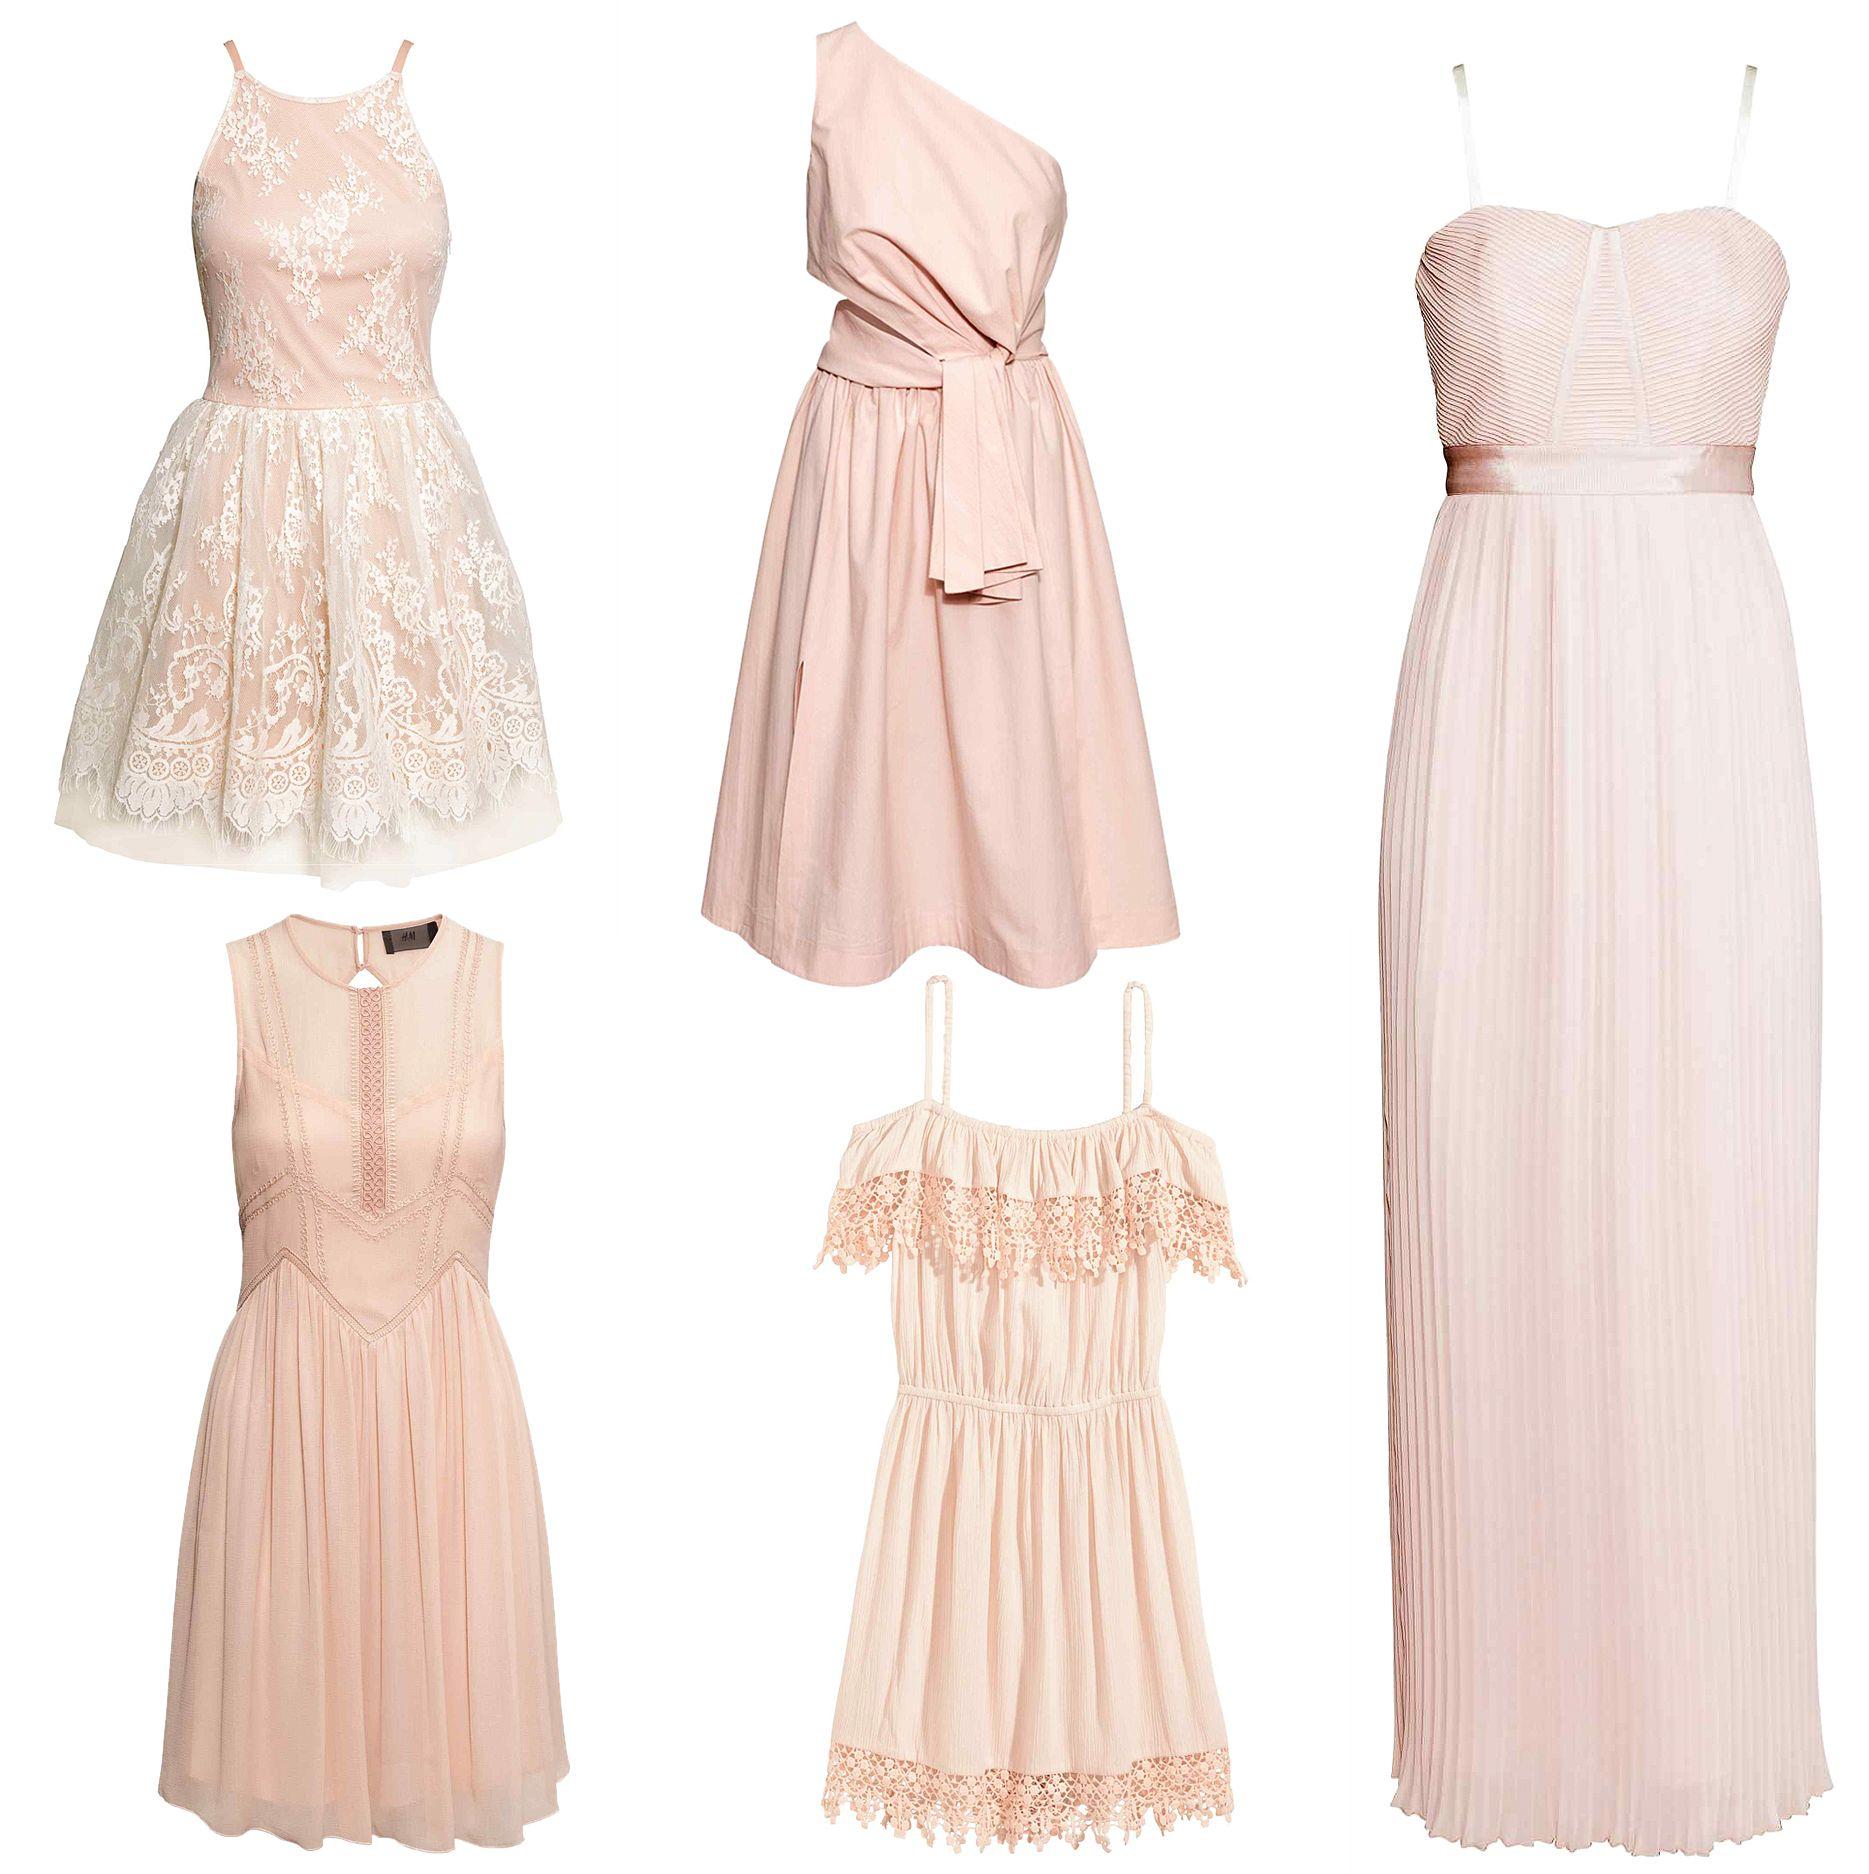 29bb4271097 19 nej šatů (nejen) na letní svatby! - Blog by Palladium